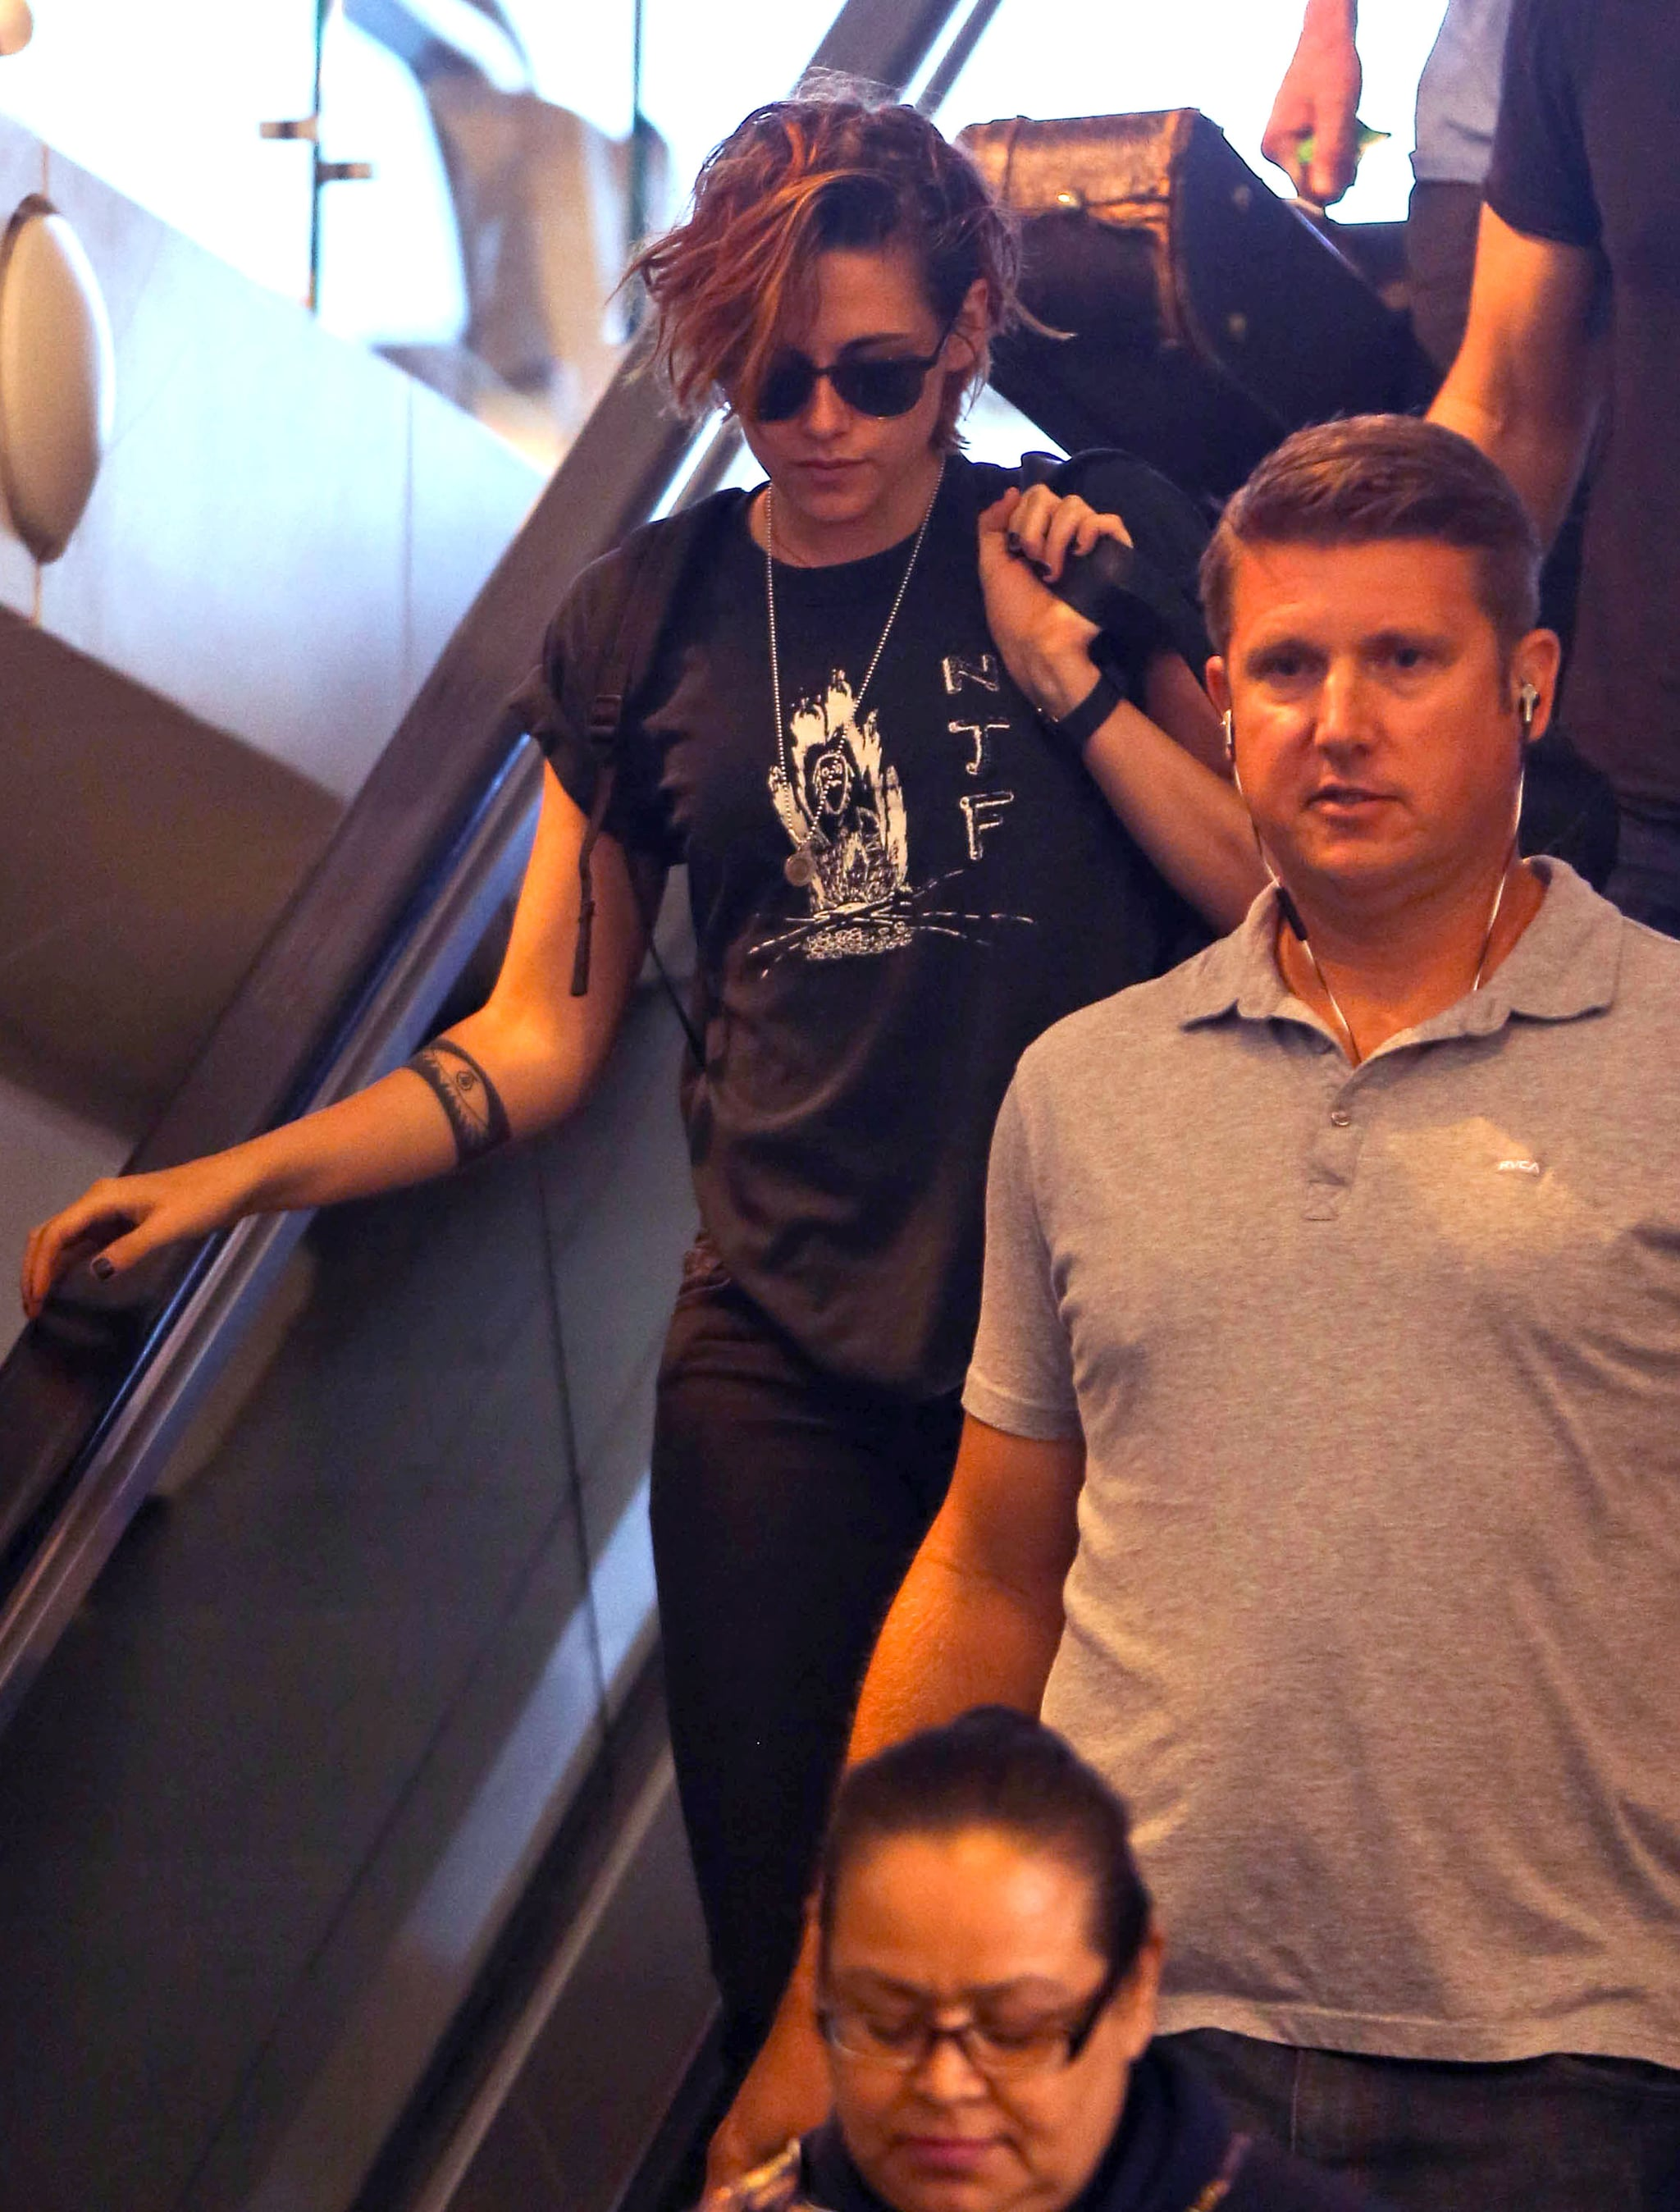 Kristen Stewart Catches the Travel Bug Again